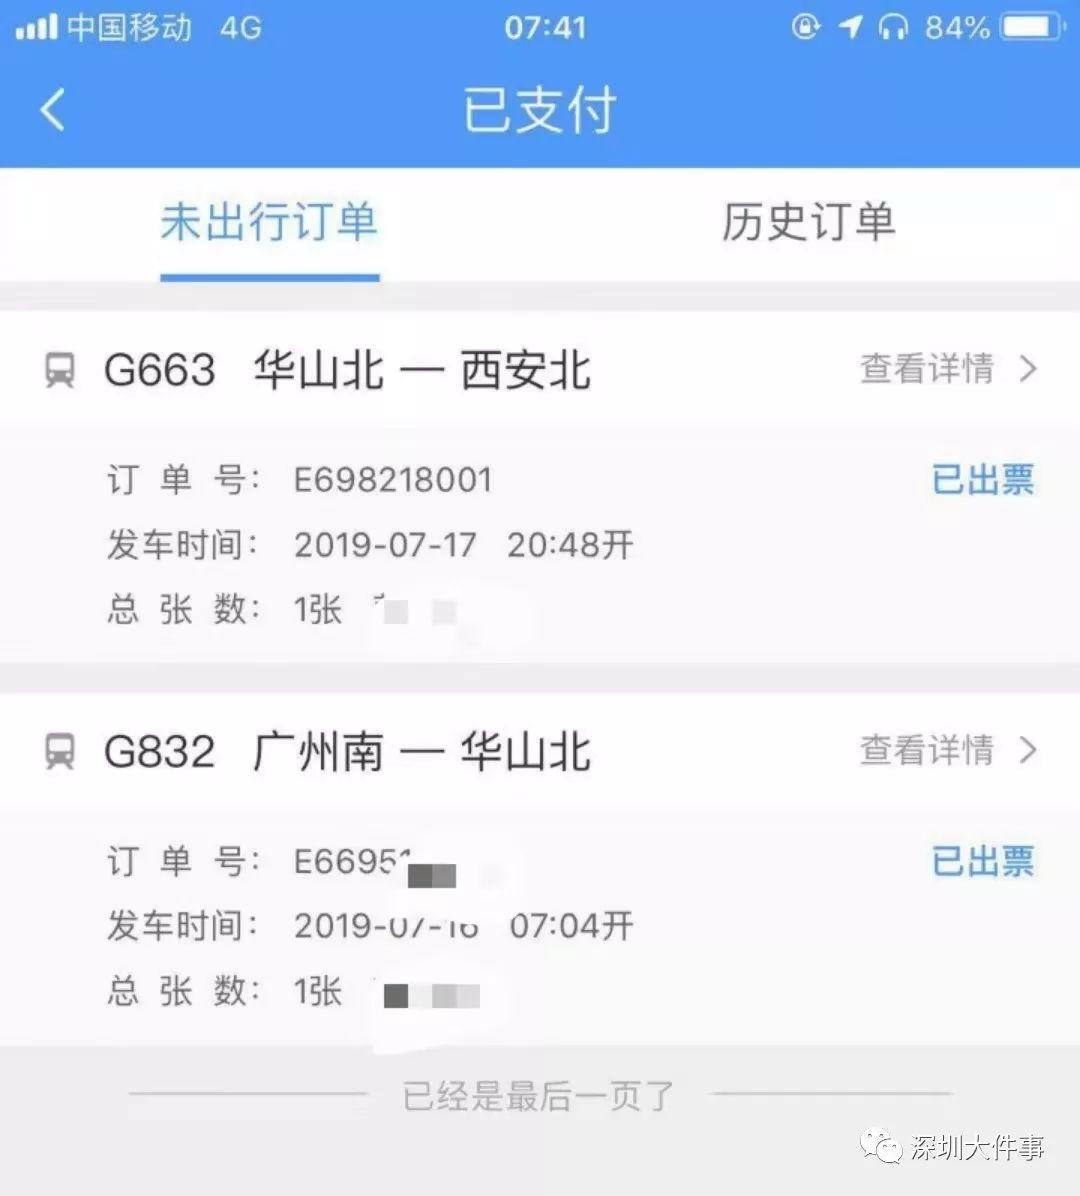 女孩游华山遇害 朋友圈26824444数字什么意思?